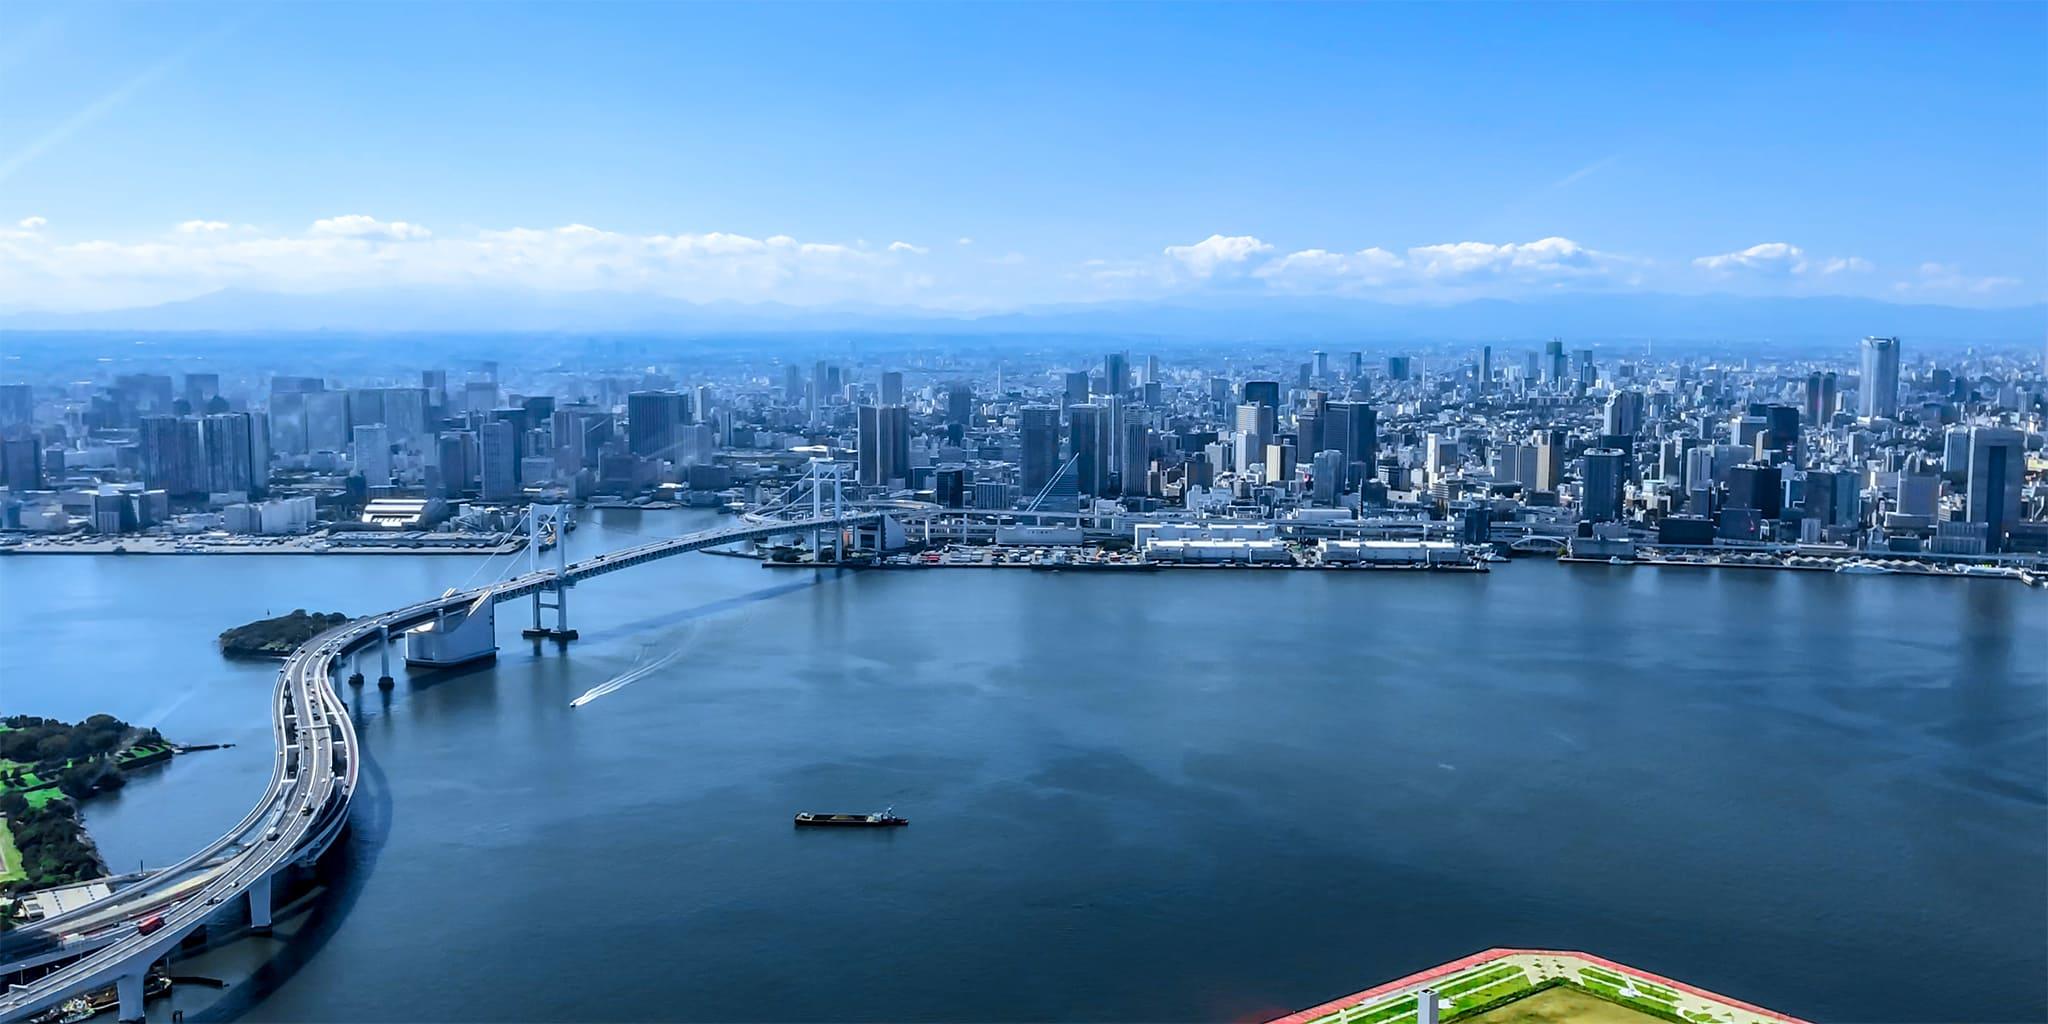 ヘリコプターで東京上空をフライトして見える東京レインボーブリッジ